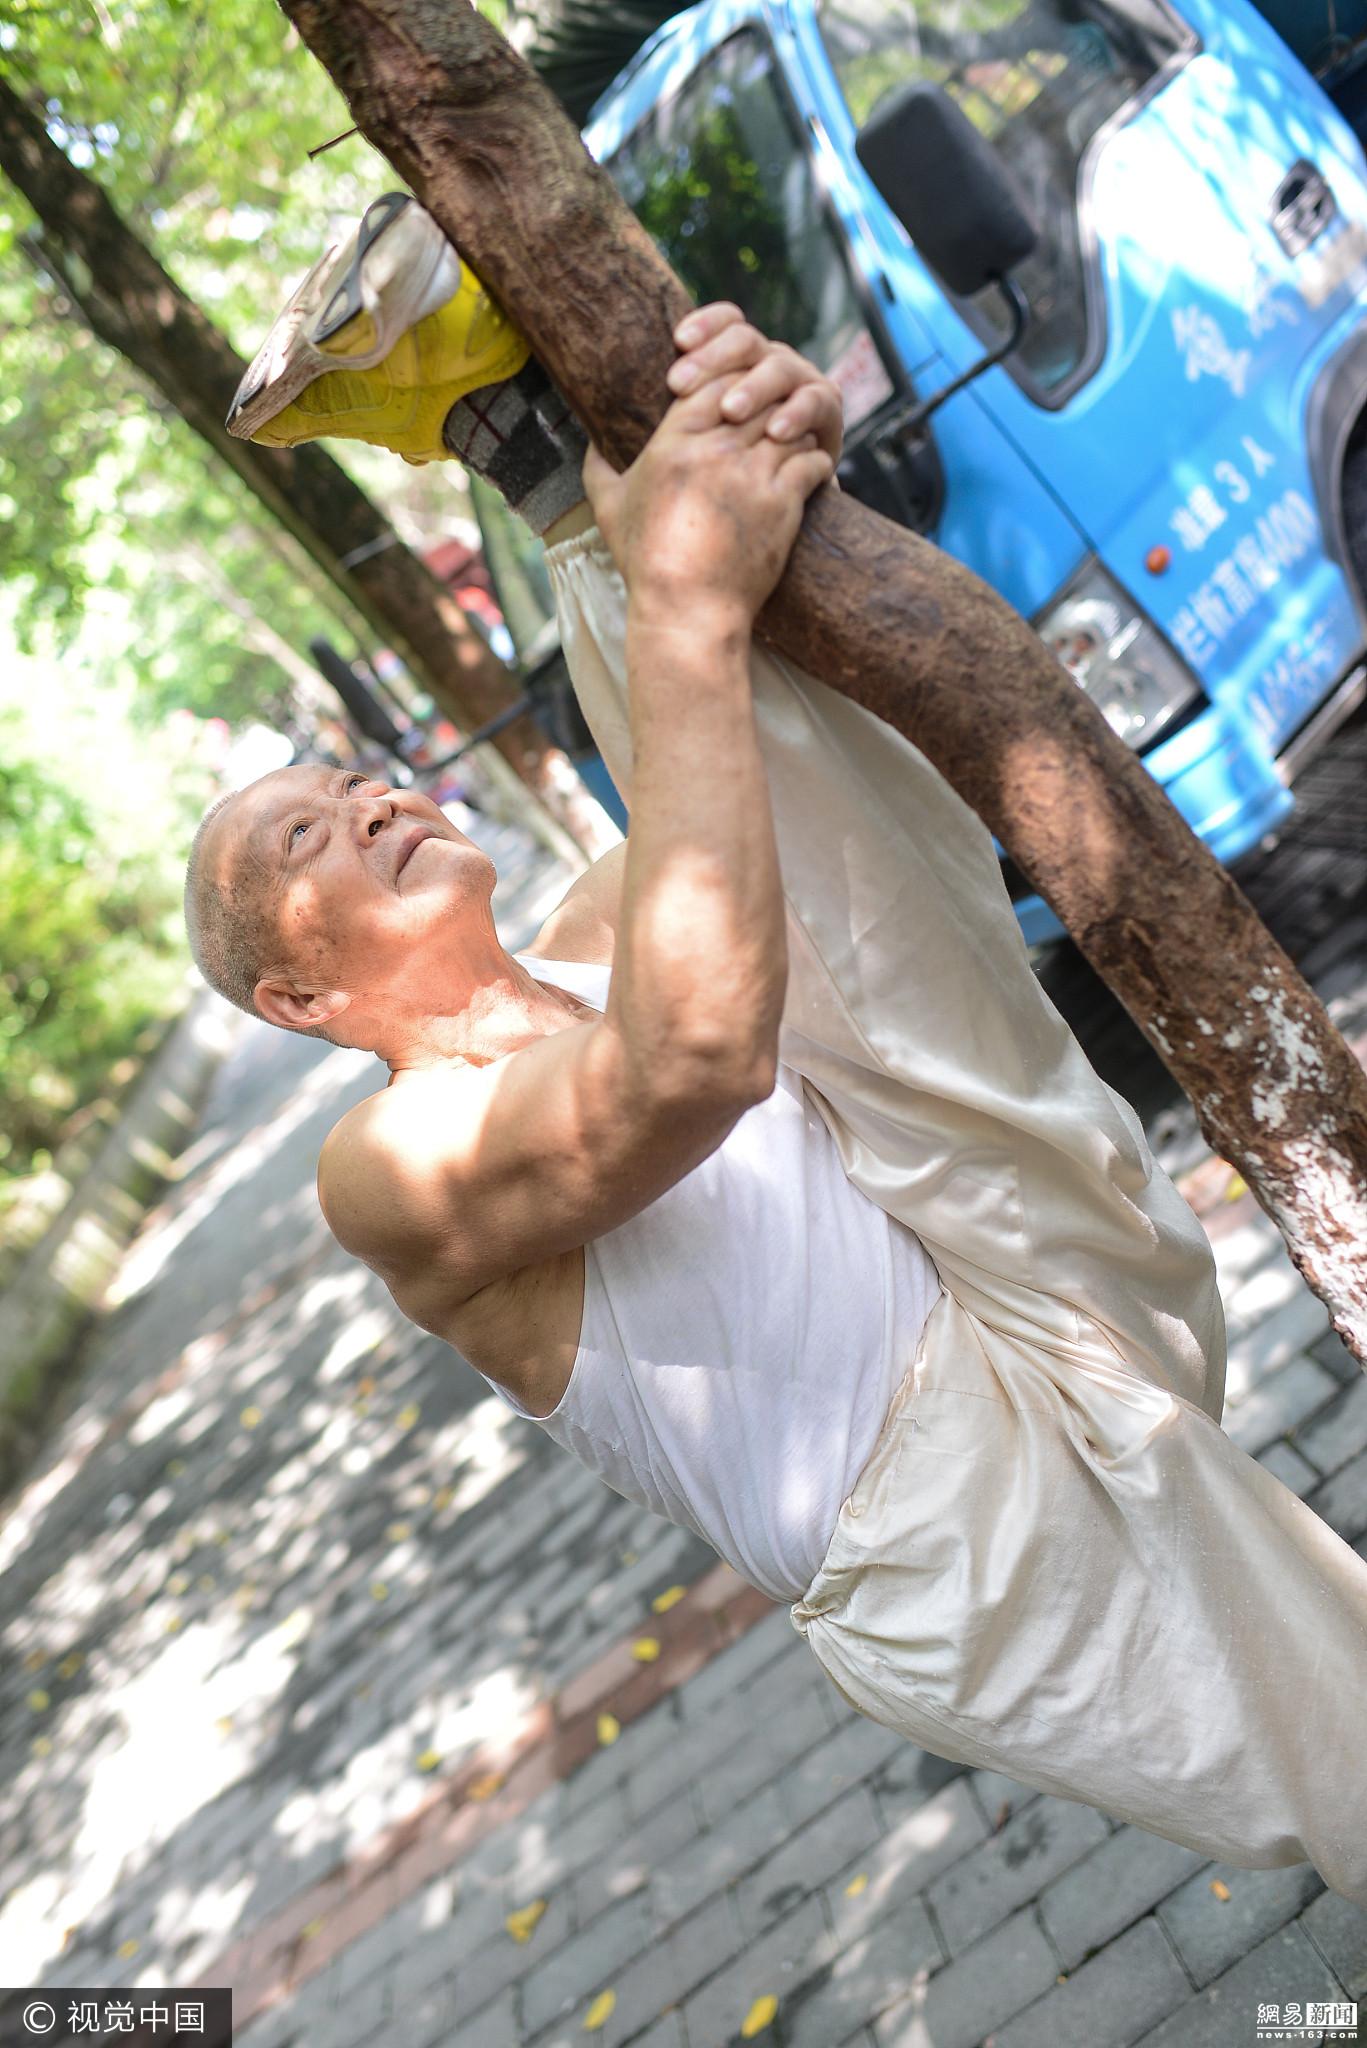 90岁大爷秀绝活:一口气做108下俯卧撑 - 周公乐 - xinhua8848 的博客